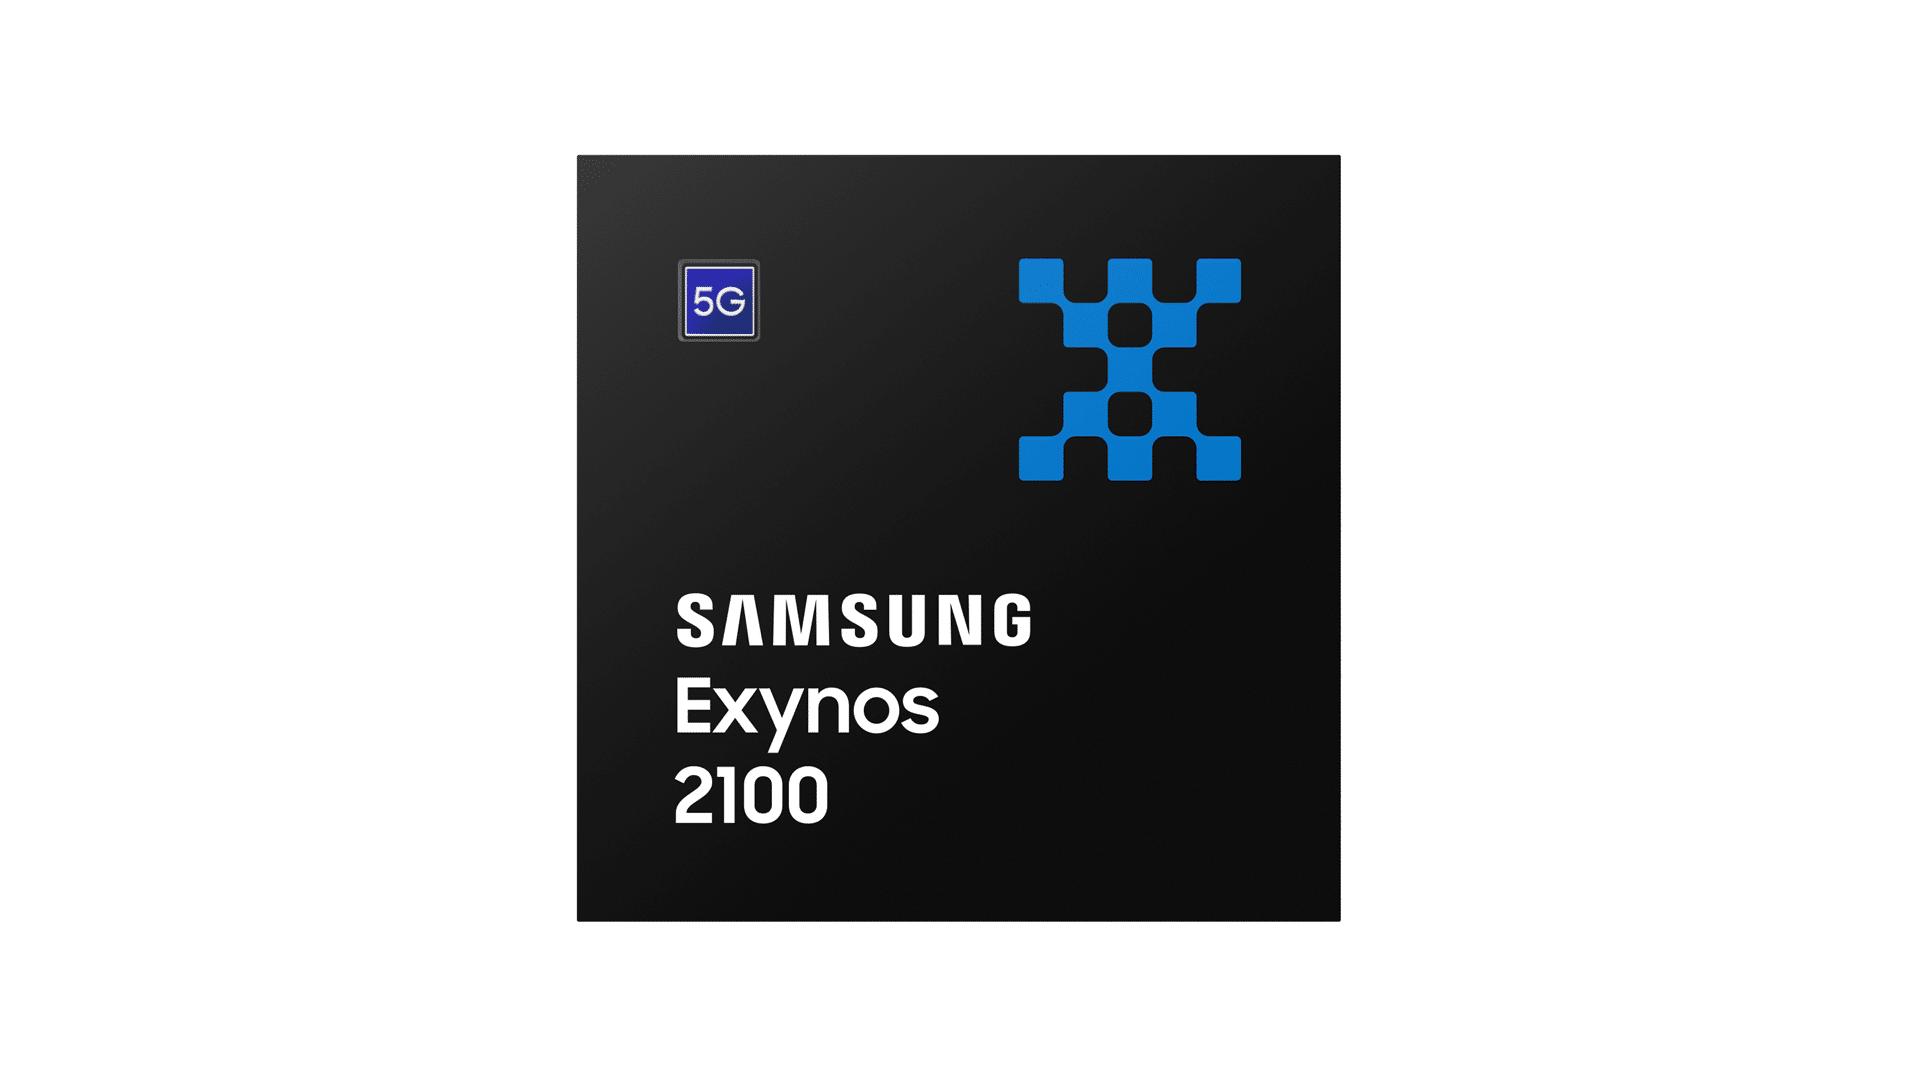 exynos-2100-s21